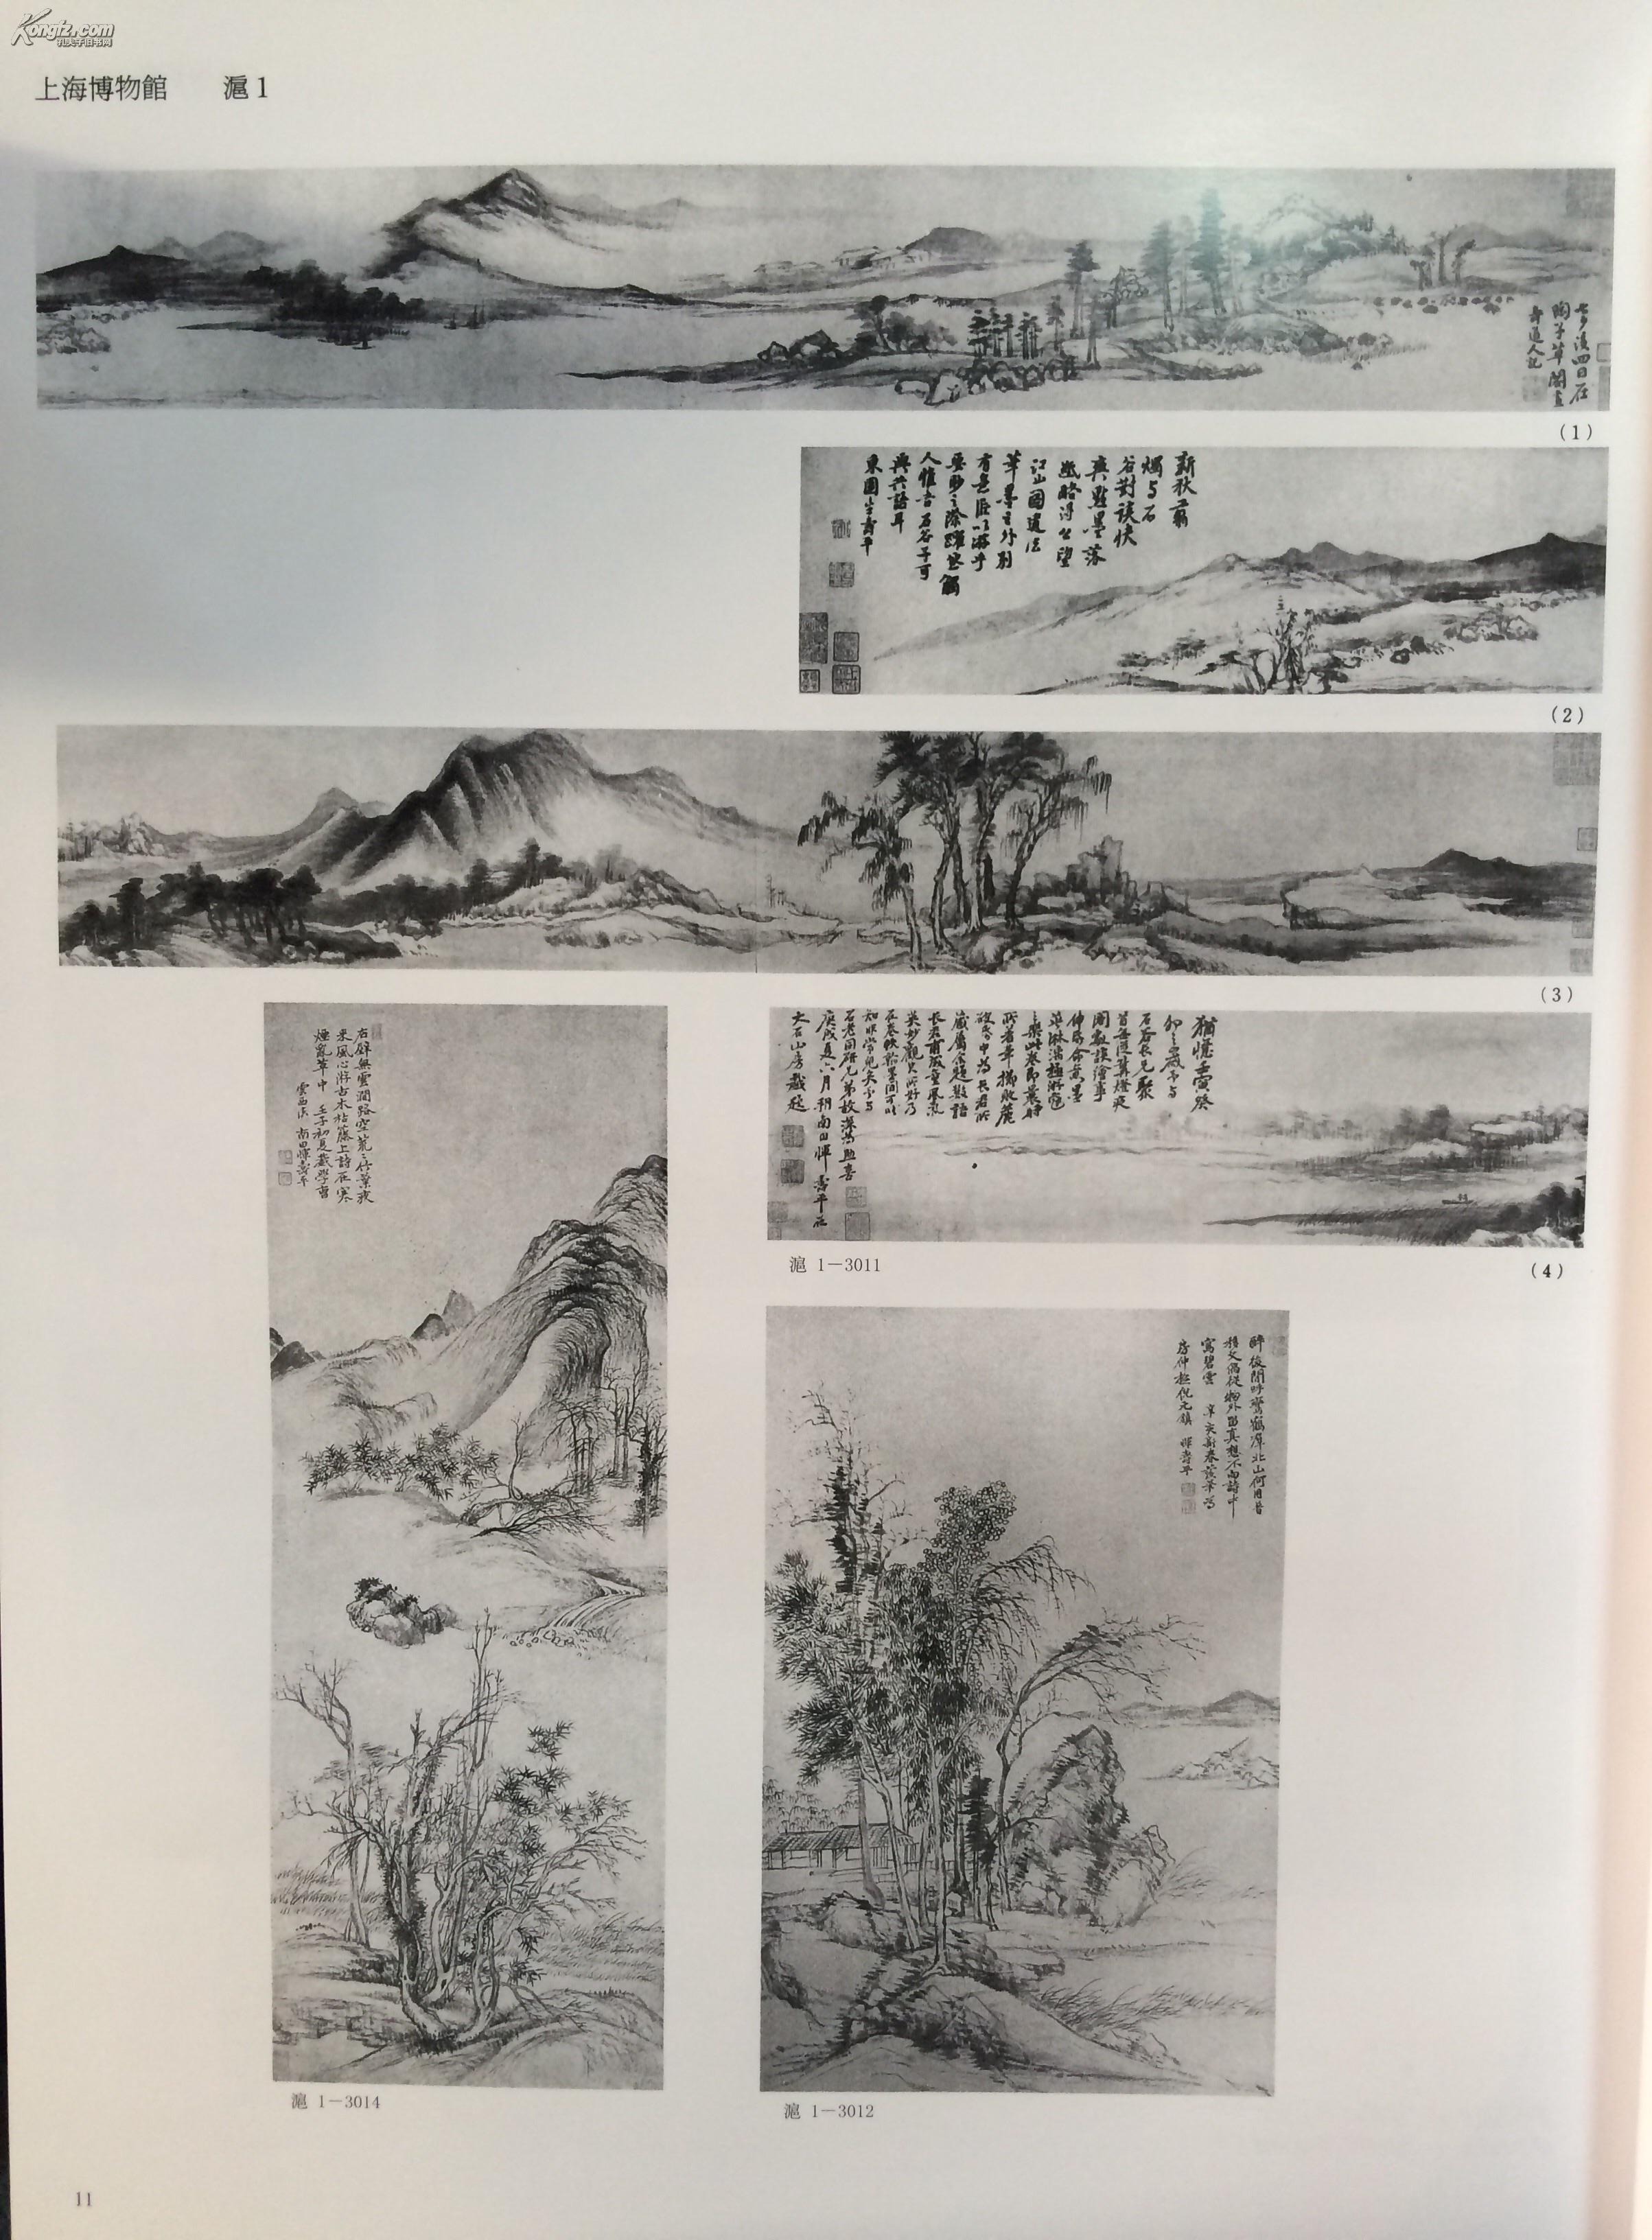 中国古代书画图目图片